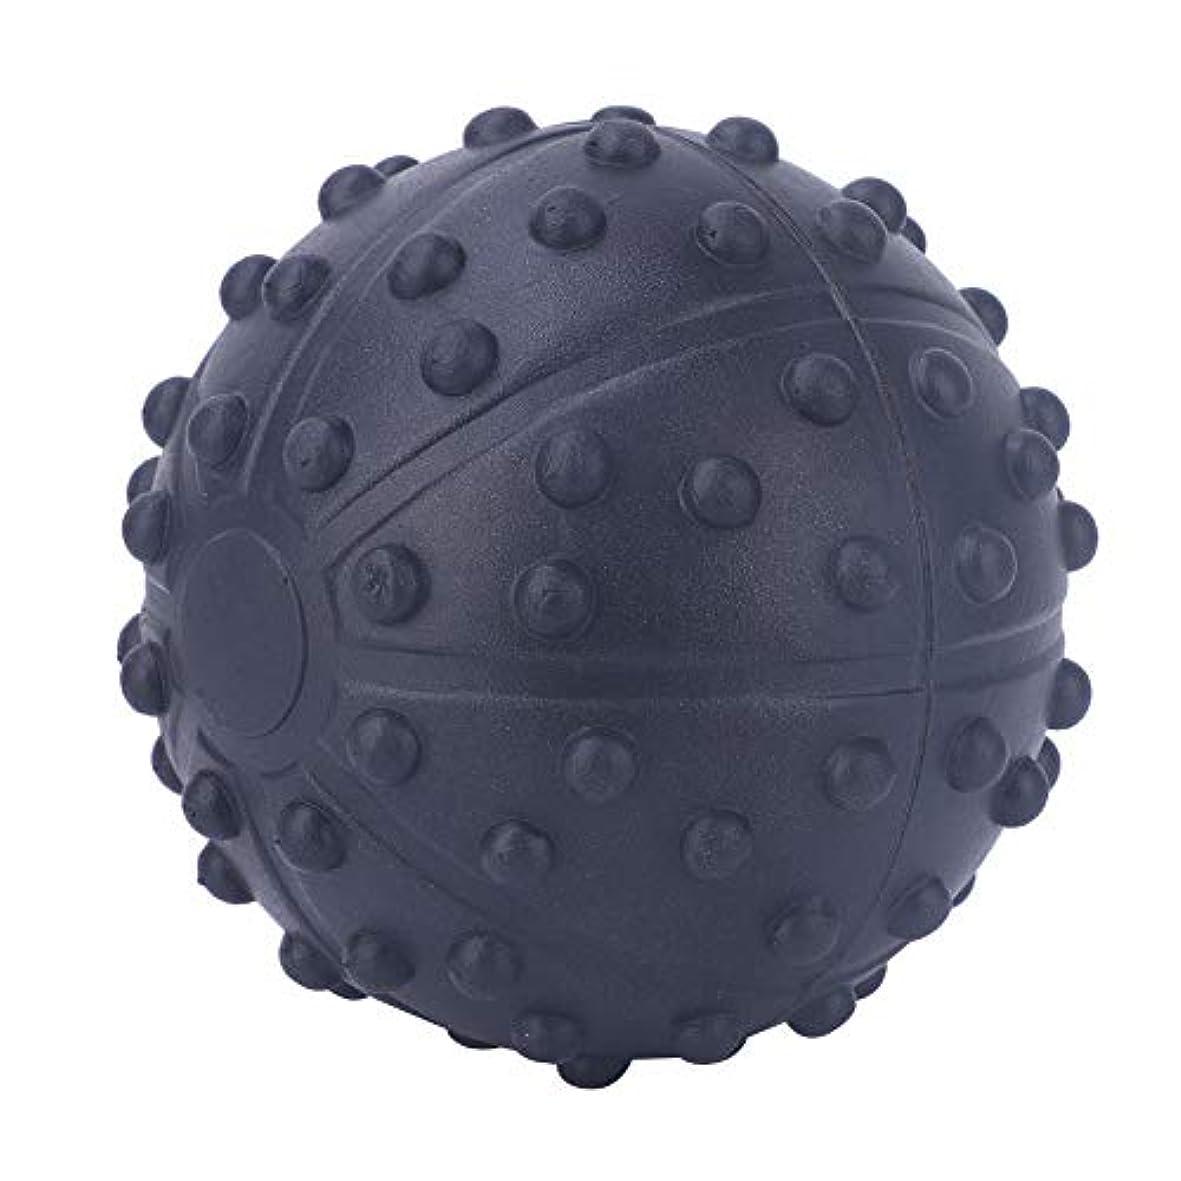 排除給料フルーティー深いティッシュヨガの筋膜の球、ヨガの疲労筋肉は筋肉救済、背部、首および足のマッサージャーのためのスポーツの球を取り除きます